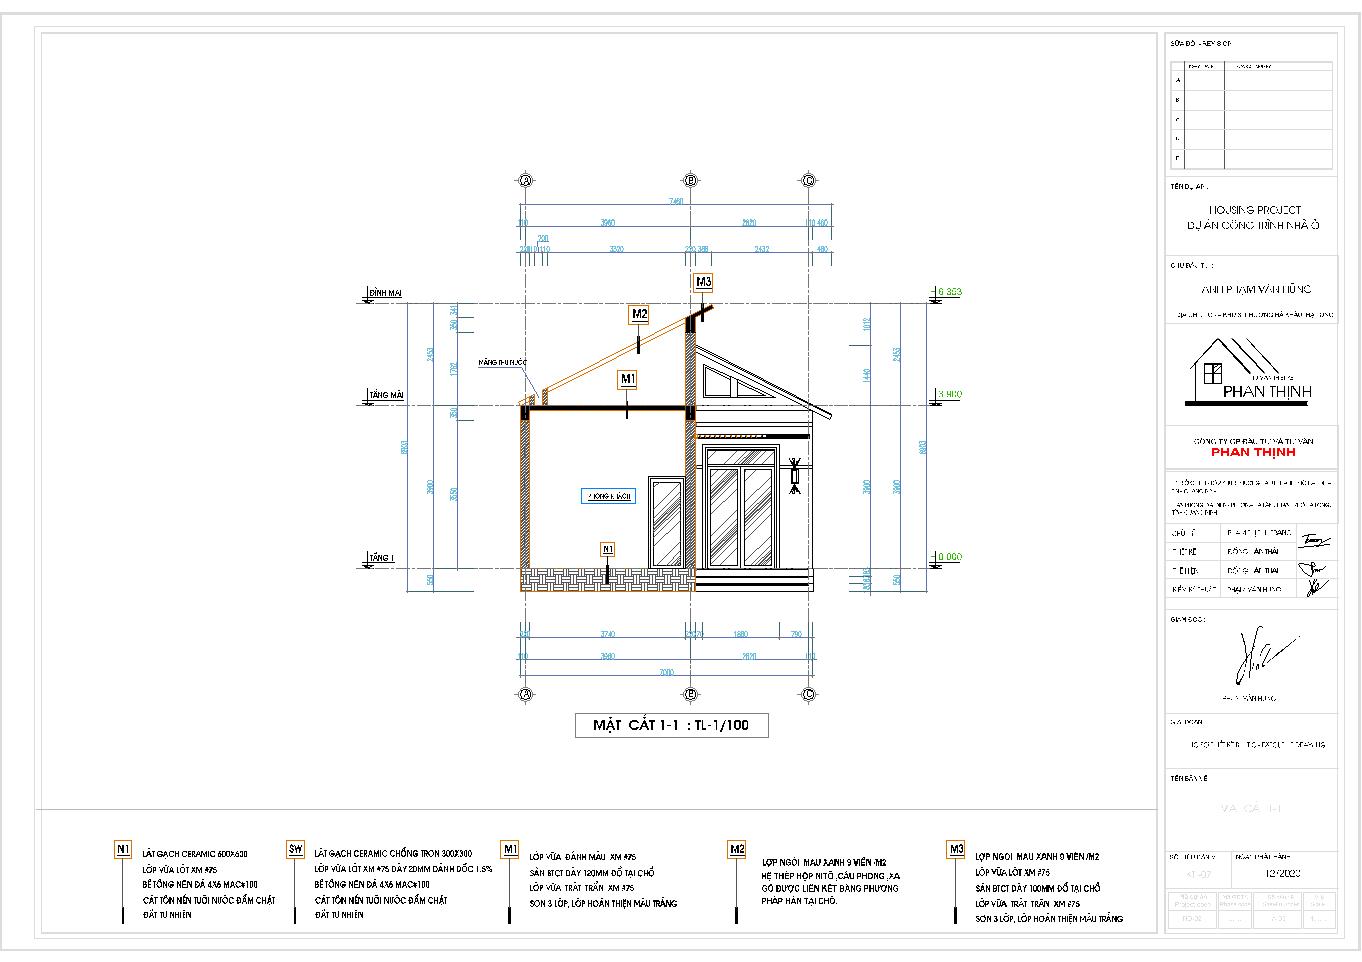 Mặt cắt 1 của ngôi nhà mái thái 1 tầng